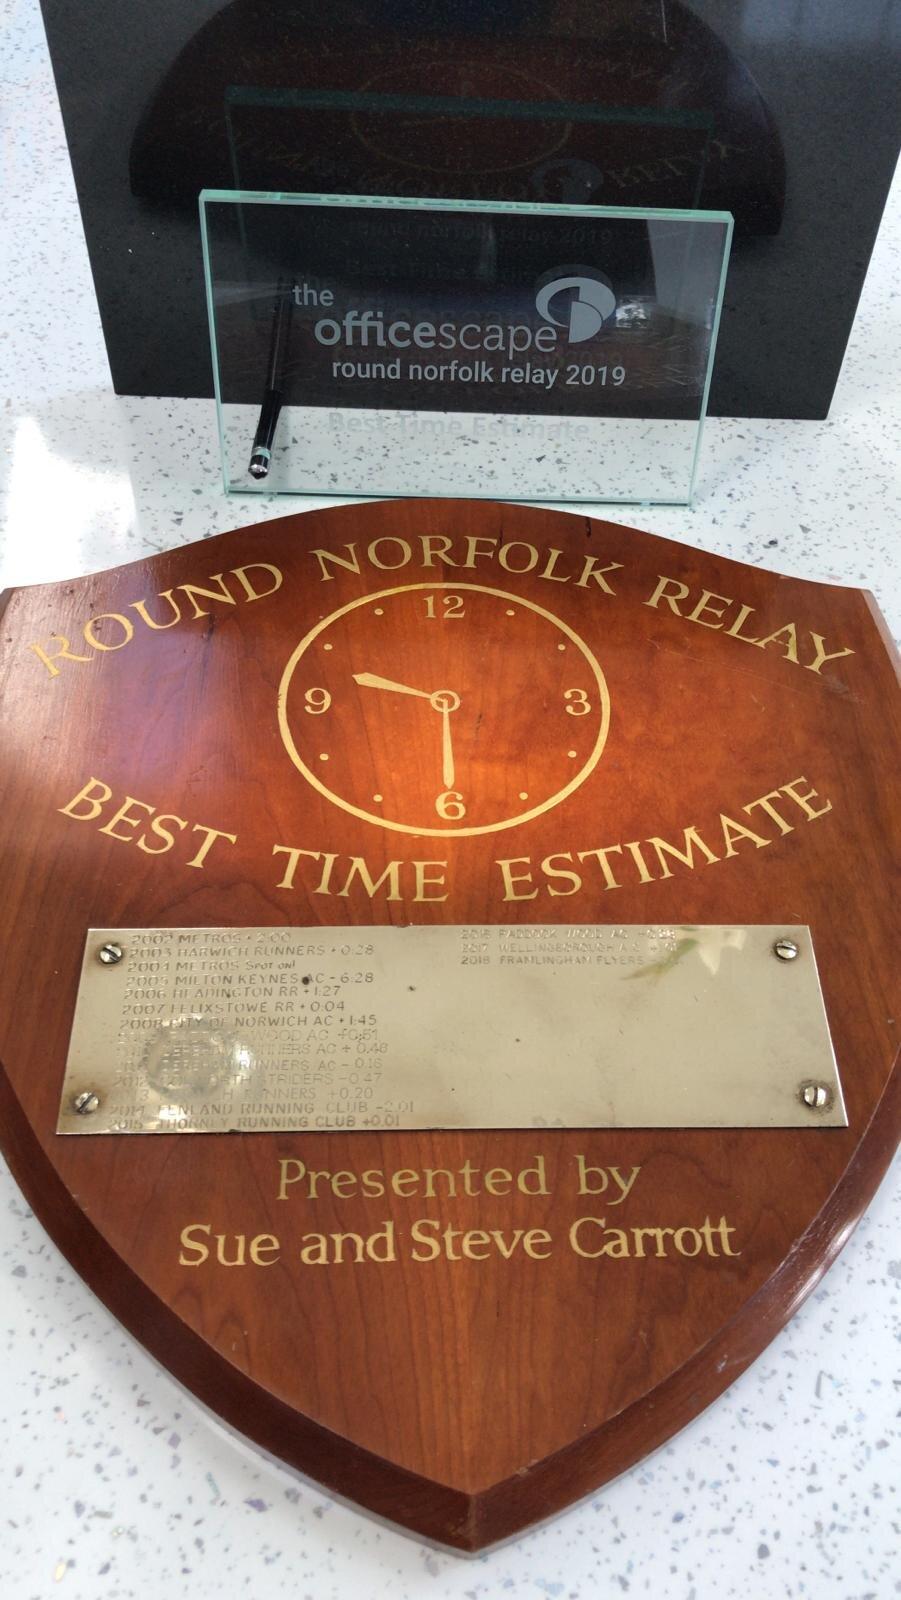 RNR 2019 best time estimate.JPG